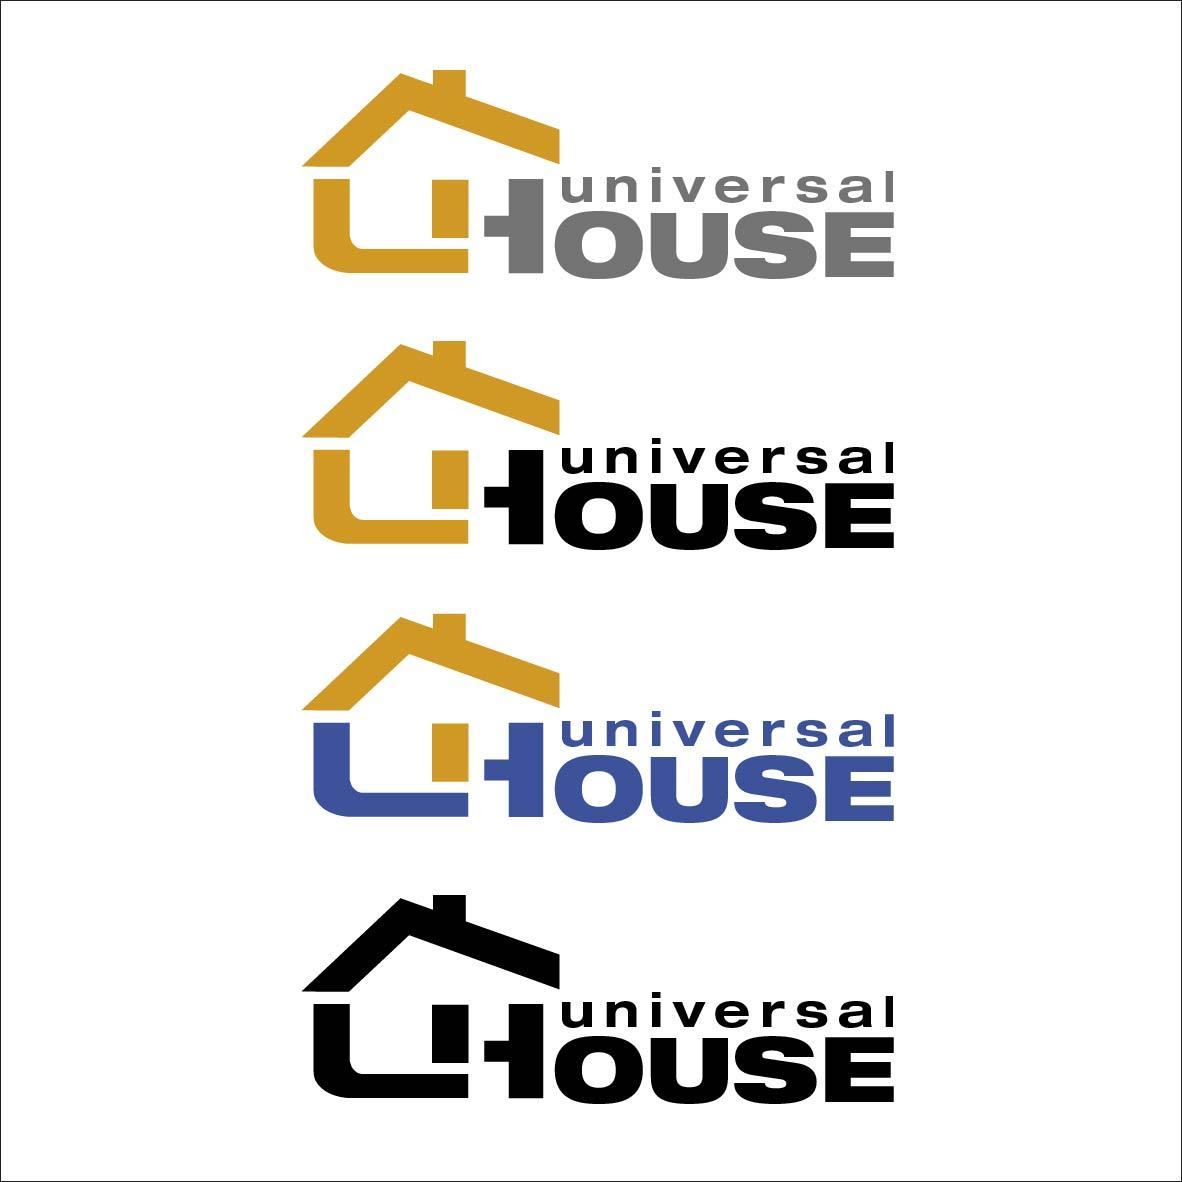 Создаем Лого для Интерьер портала фото f_573515156d6985c6.jpg